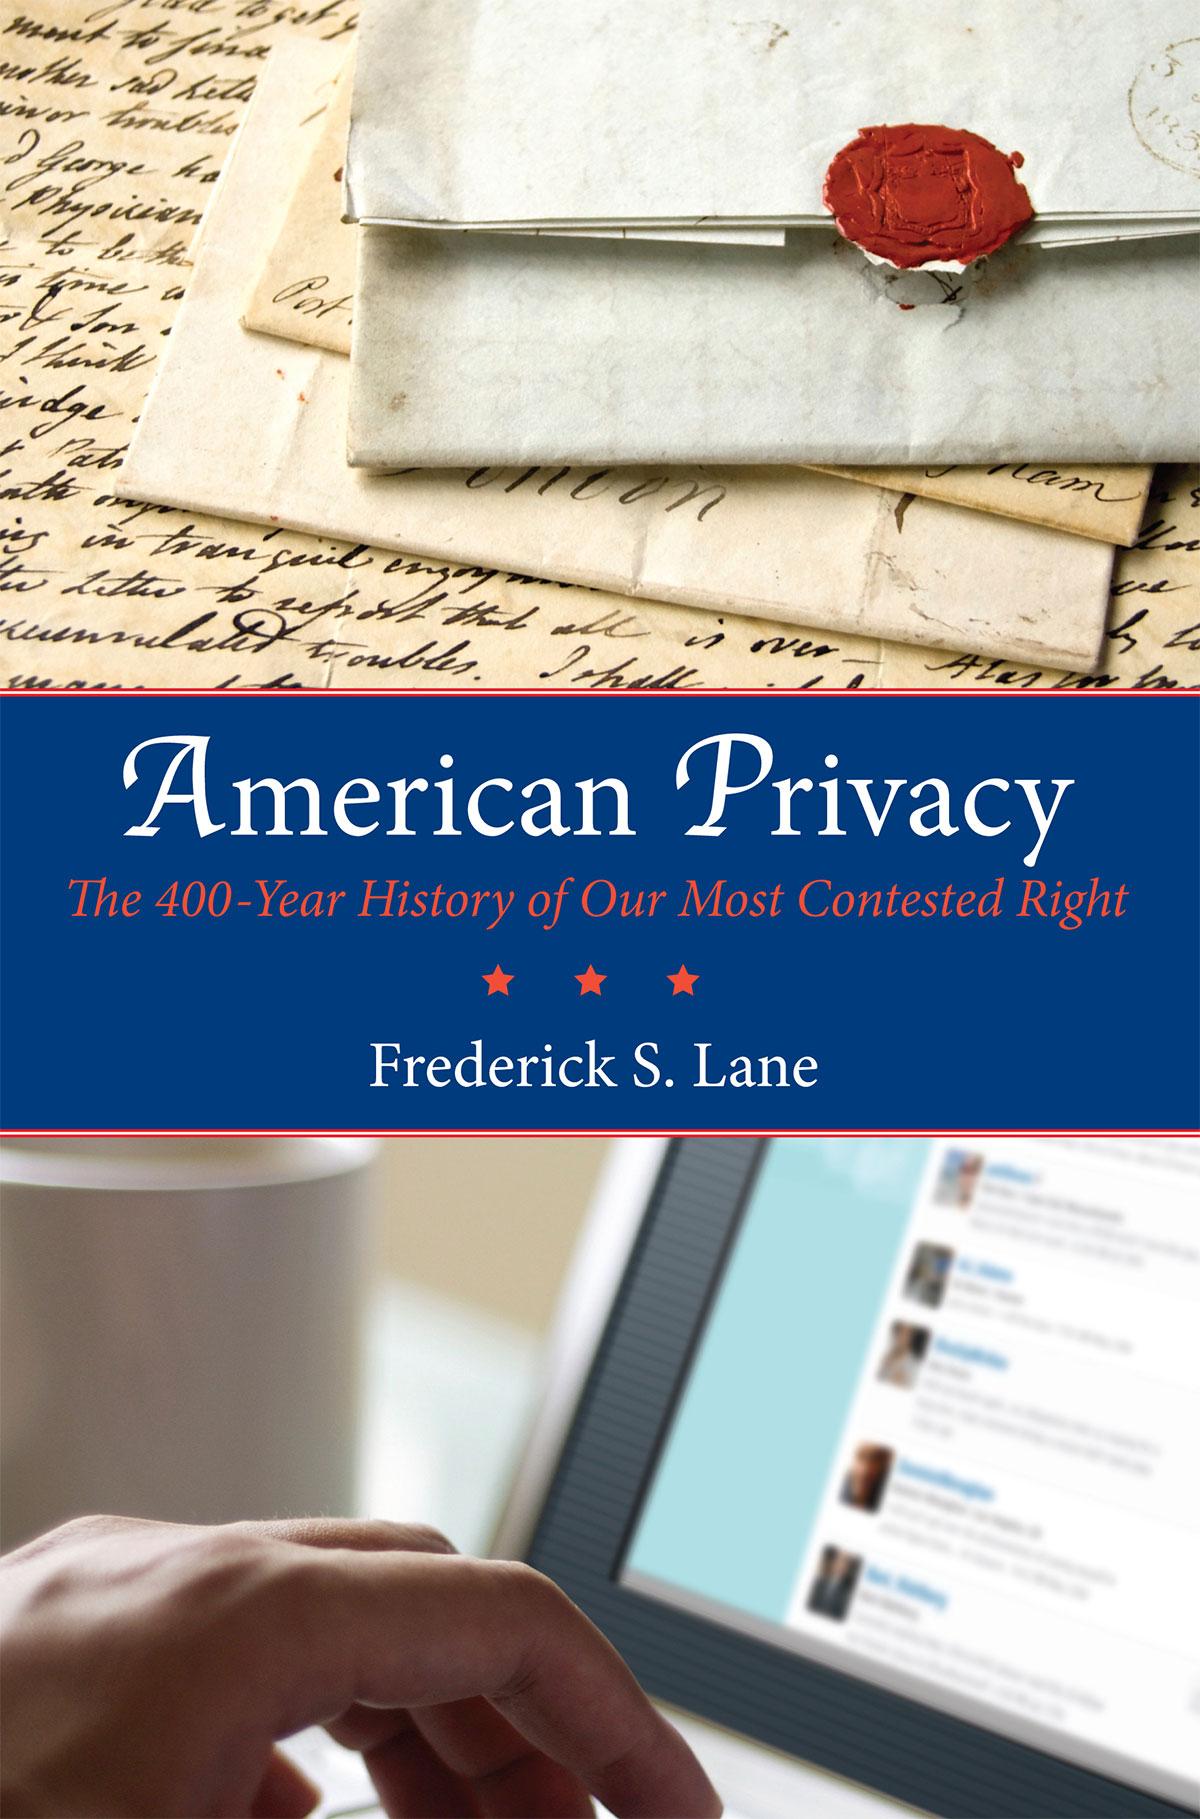 20090813_American_Privacy_300_dpi